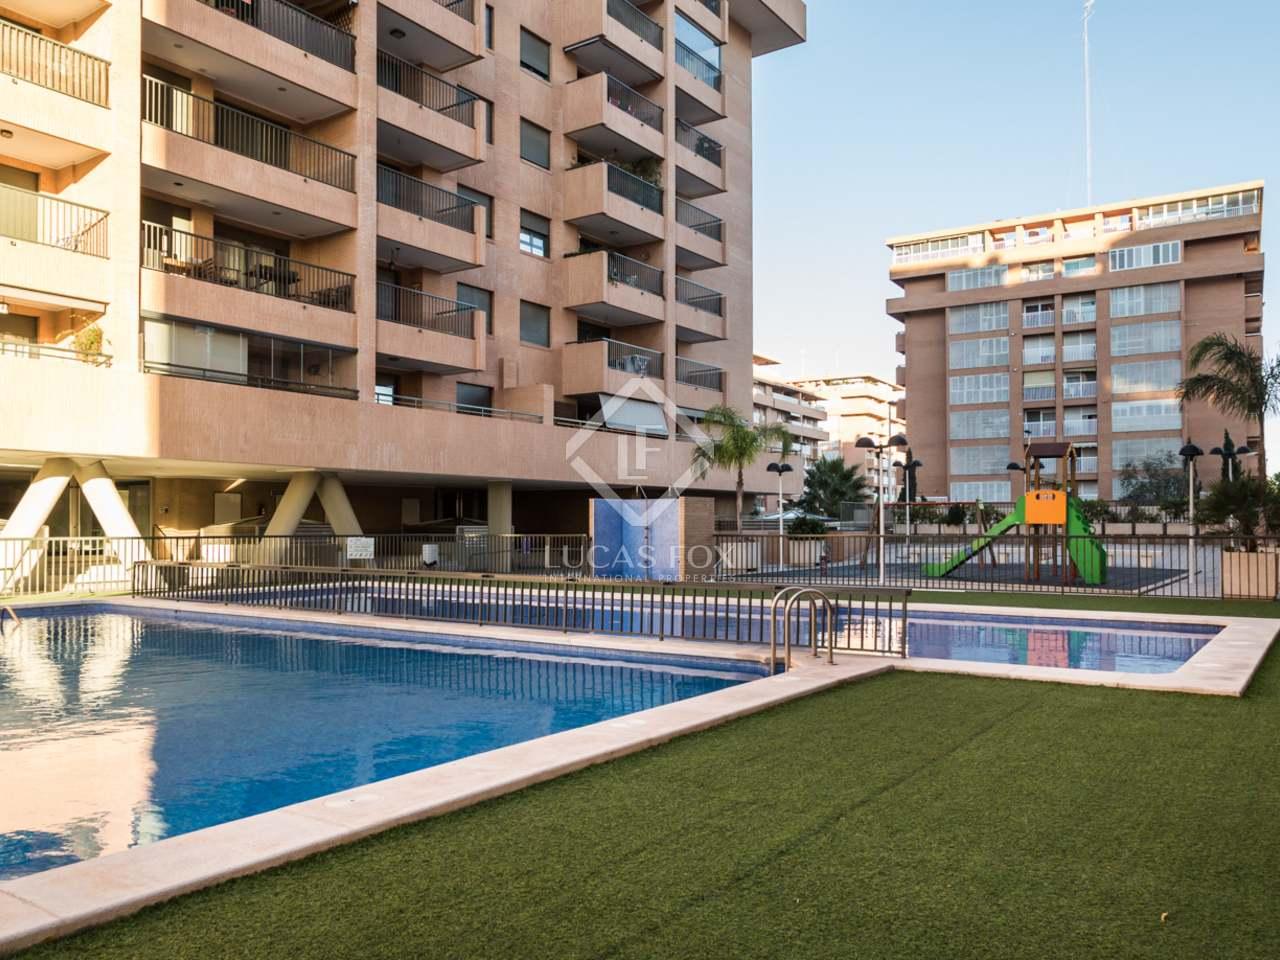 Apartamento en venta en una urbanizaci n con piscina en la for Apartamentos con piscina en valencia